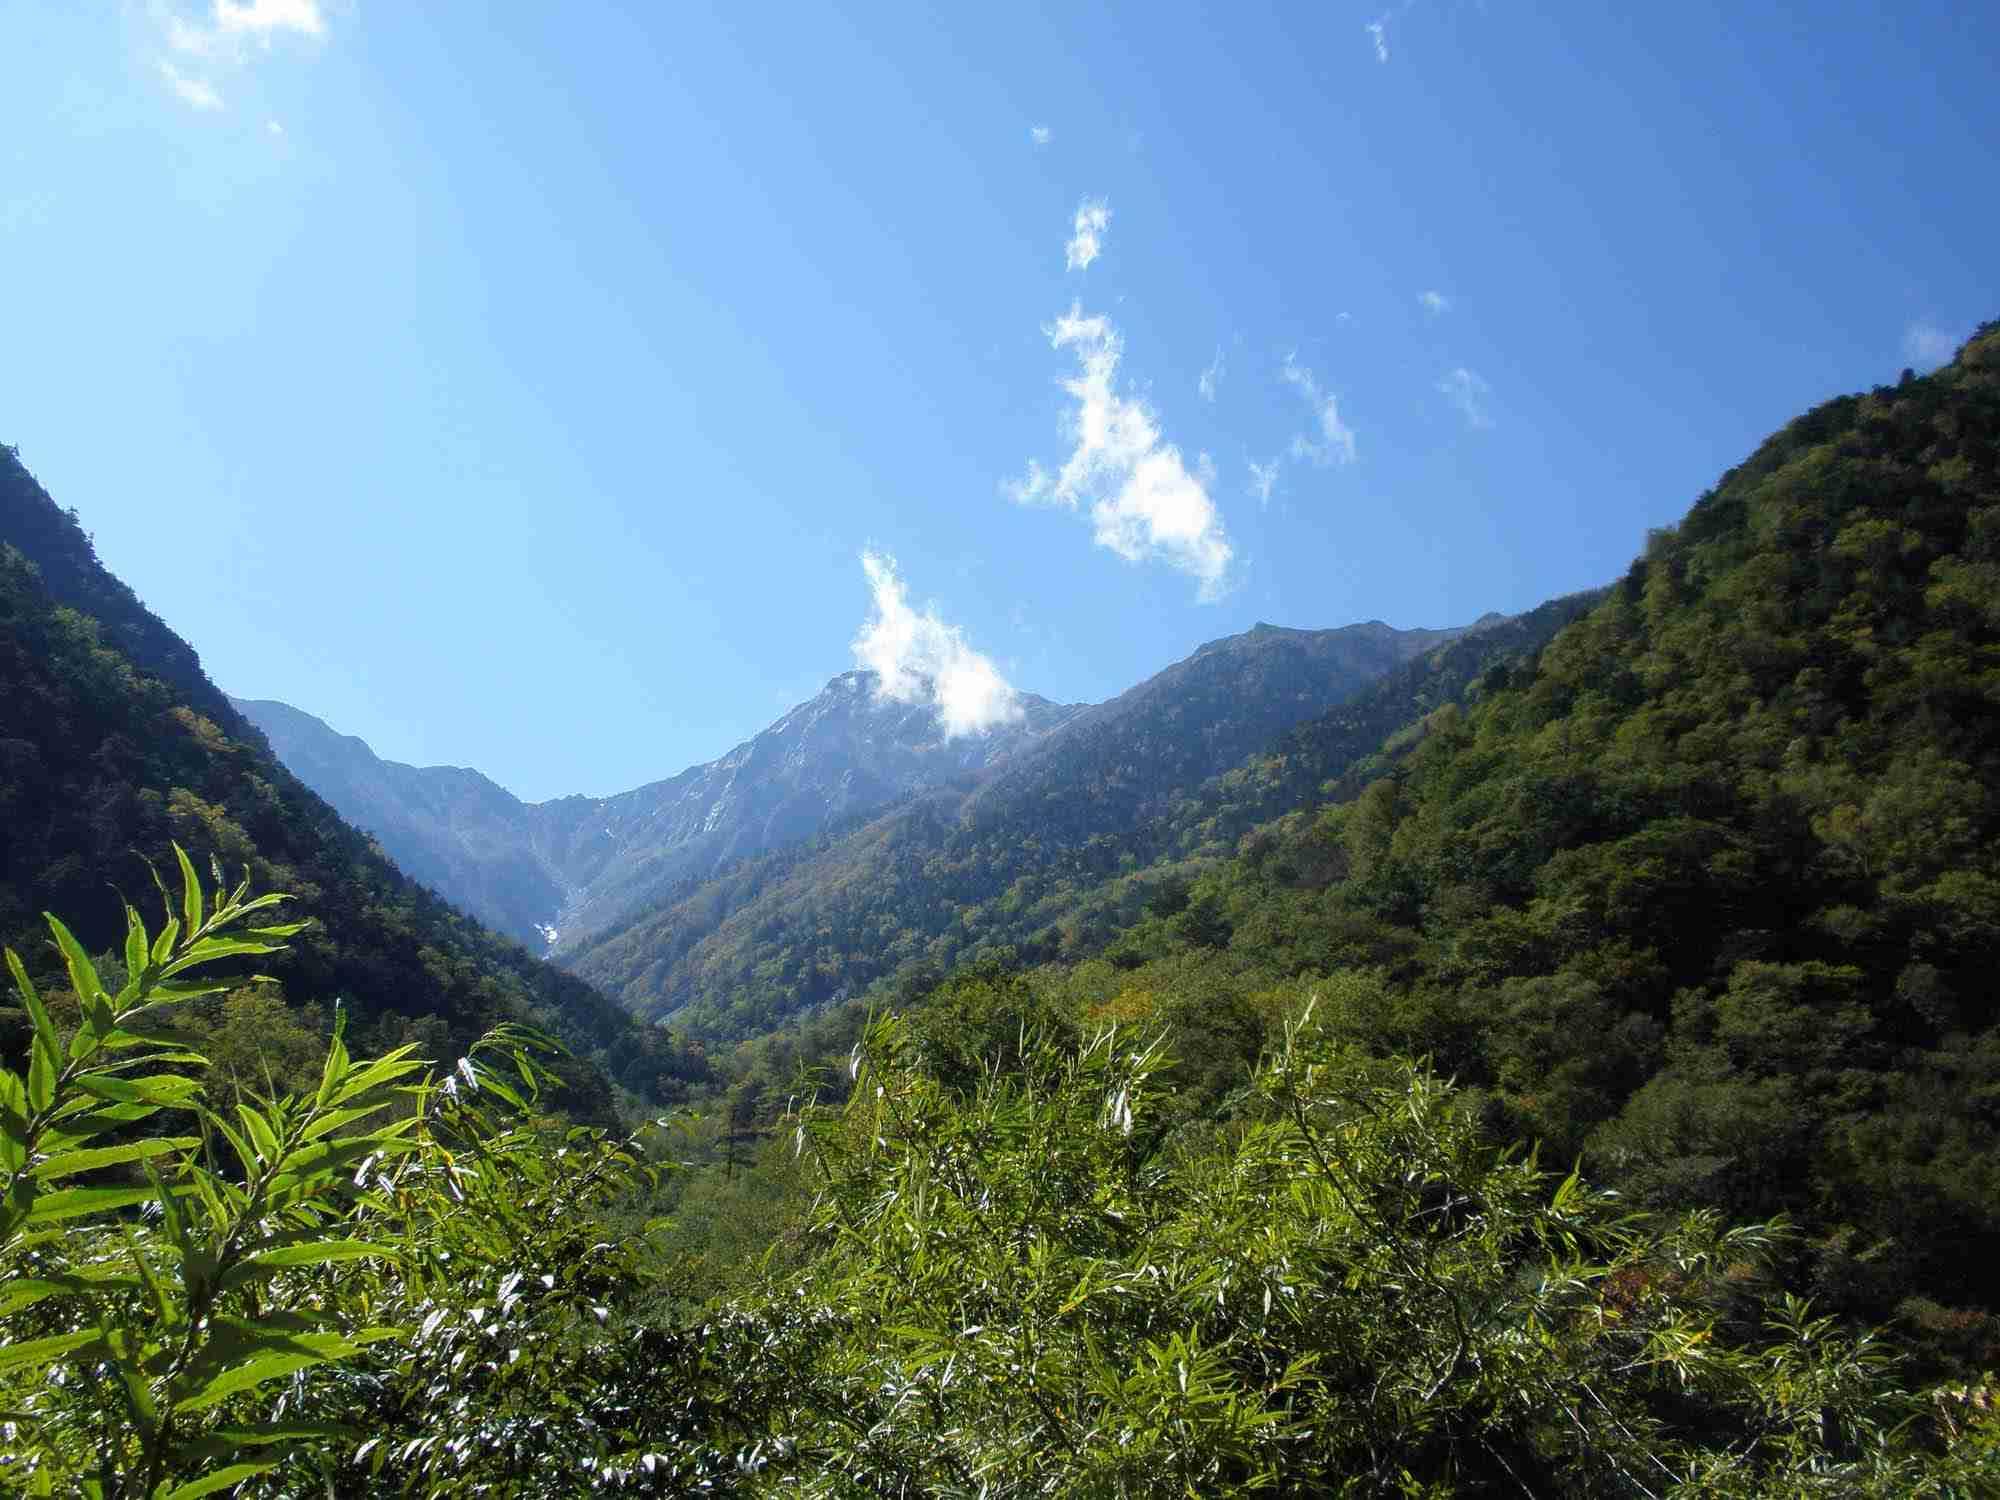 愛知県の山中に大量の「証拠品」…警察官が意図的に投棄か?